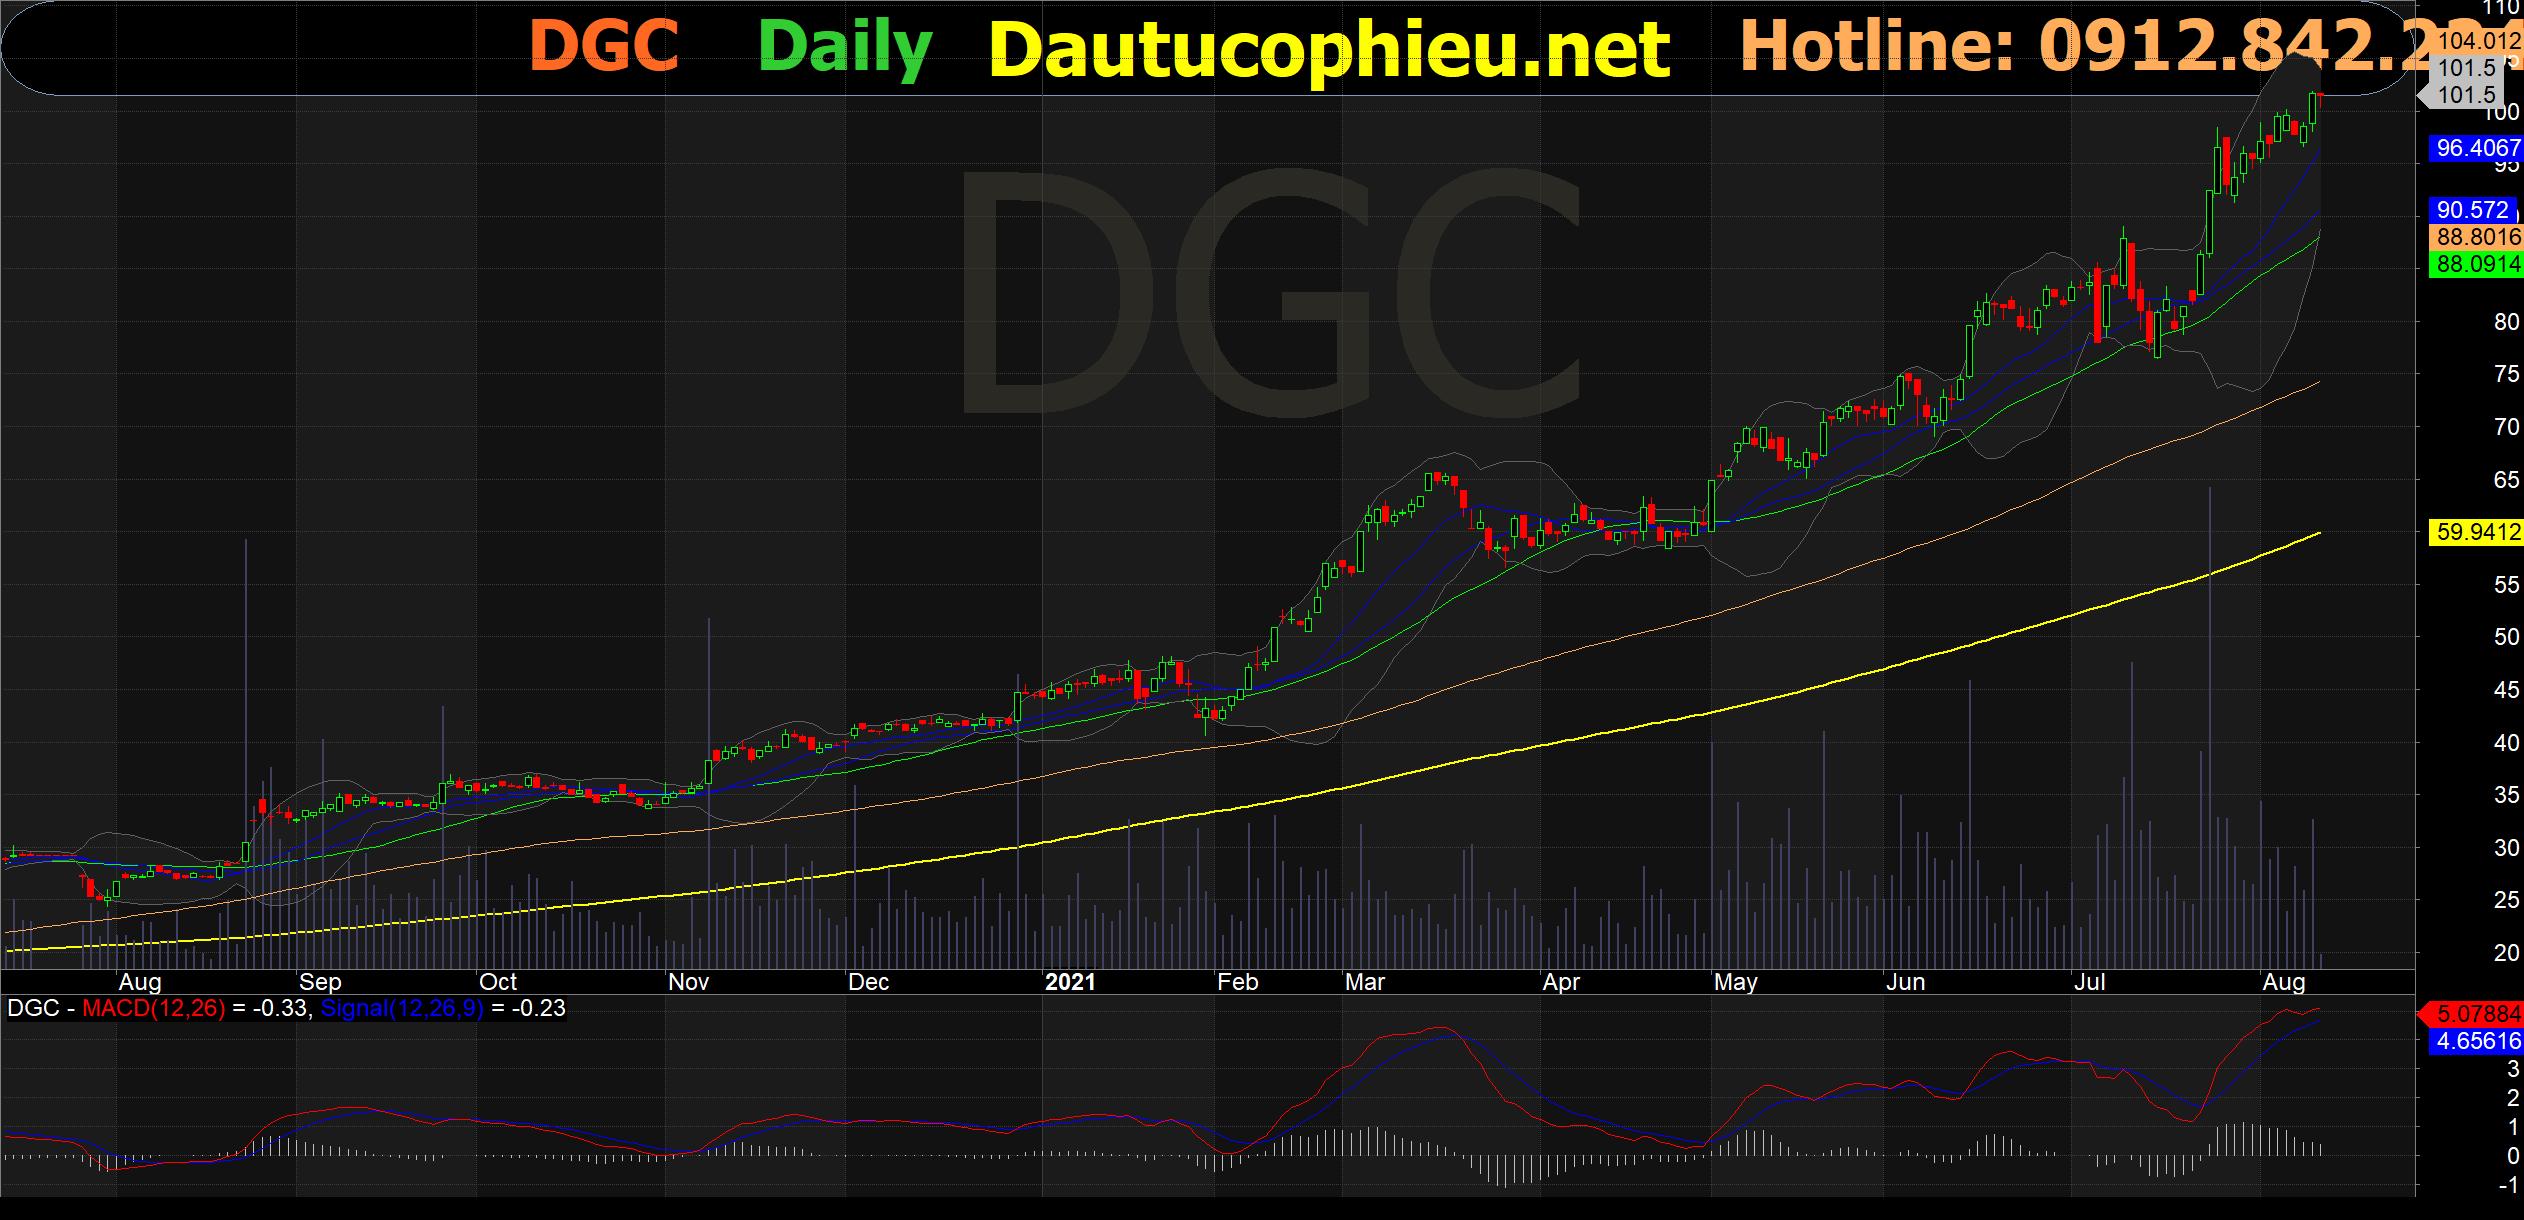 Đồ thị cổ phiếu DGC phiên giao dịch ngày 13/08/2021. Nguồn: AmiBroker